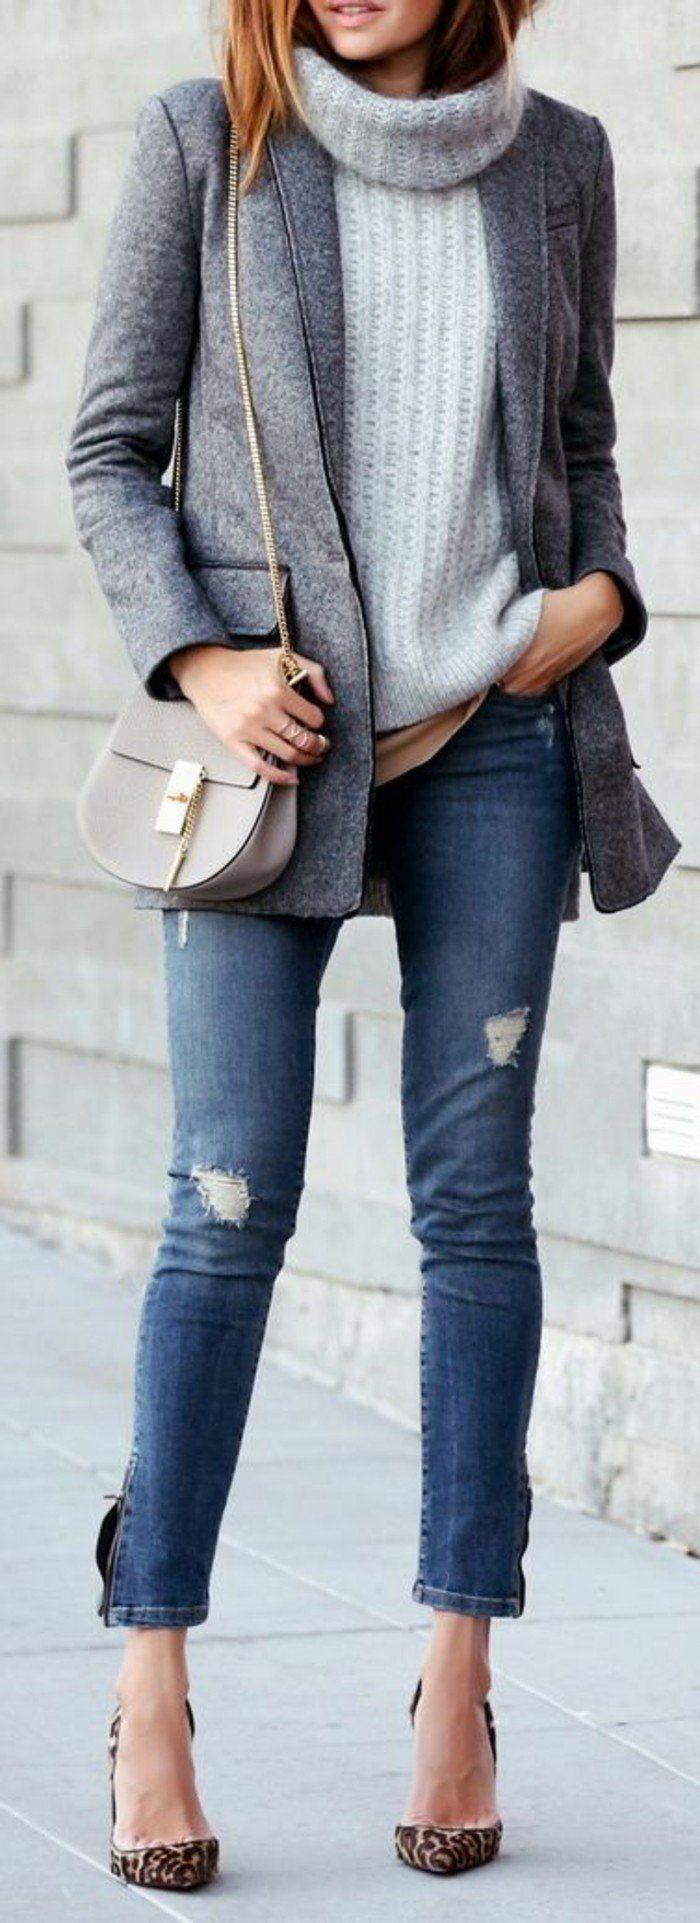 tendance sac 2017 2018 l gante tenue aux couleurs neutres pull en laine femme blazer gris et. Black Bedroom Furniture Sets. Home Design Ideas